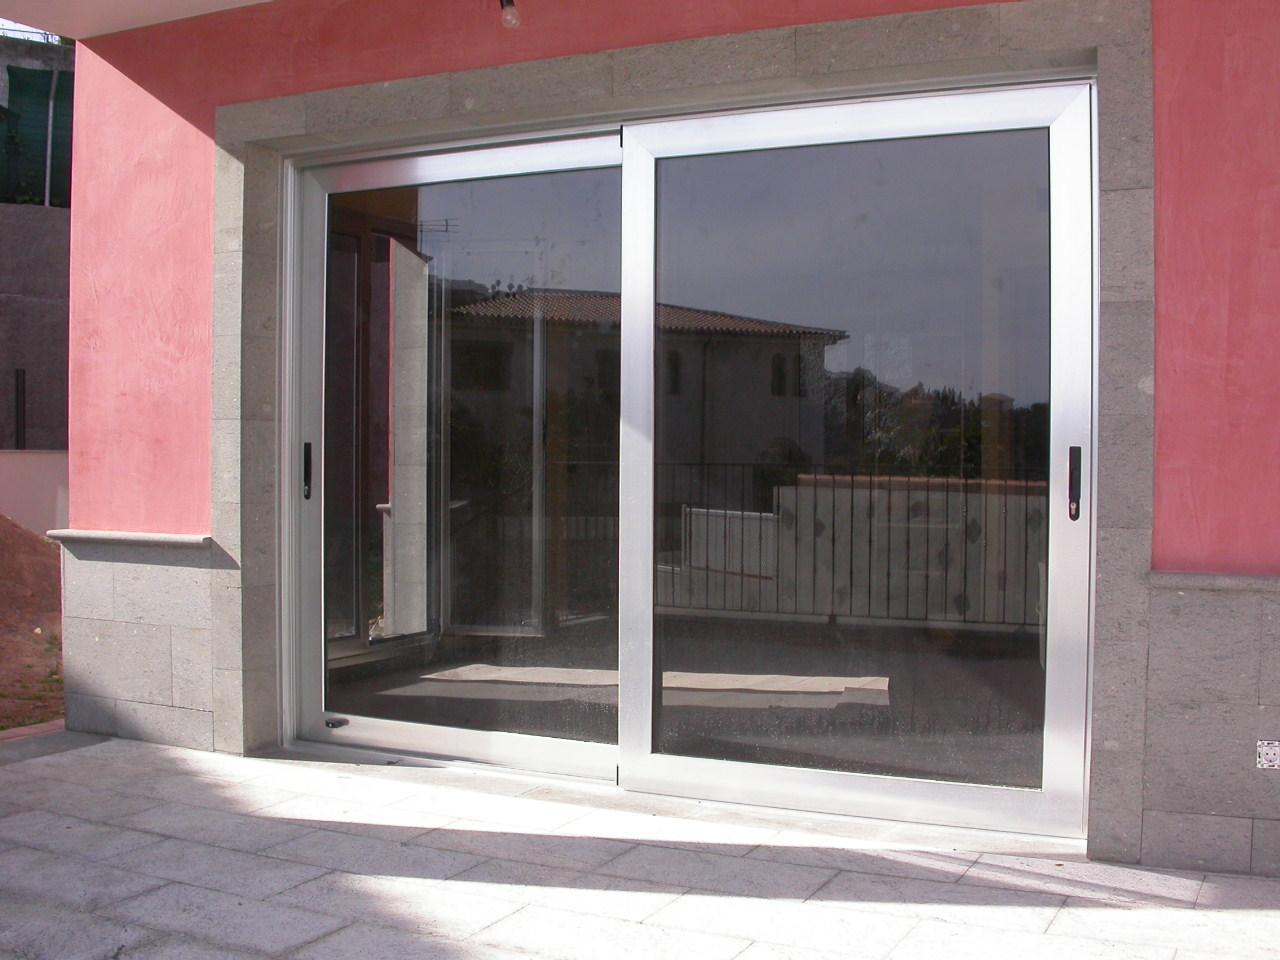 Puertas de aluminio correderas perfect puertas correderas for Puertas exterior aluminio baratas